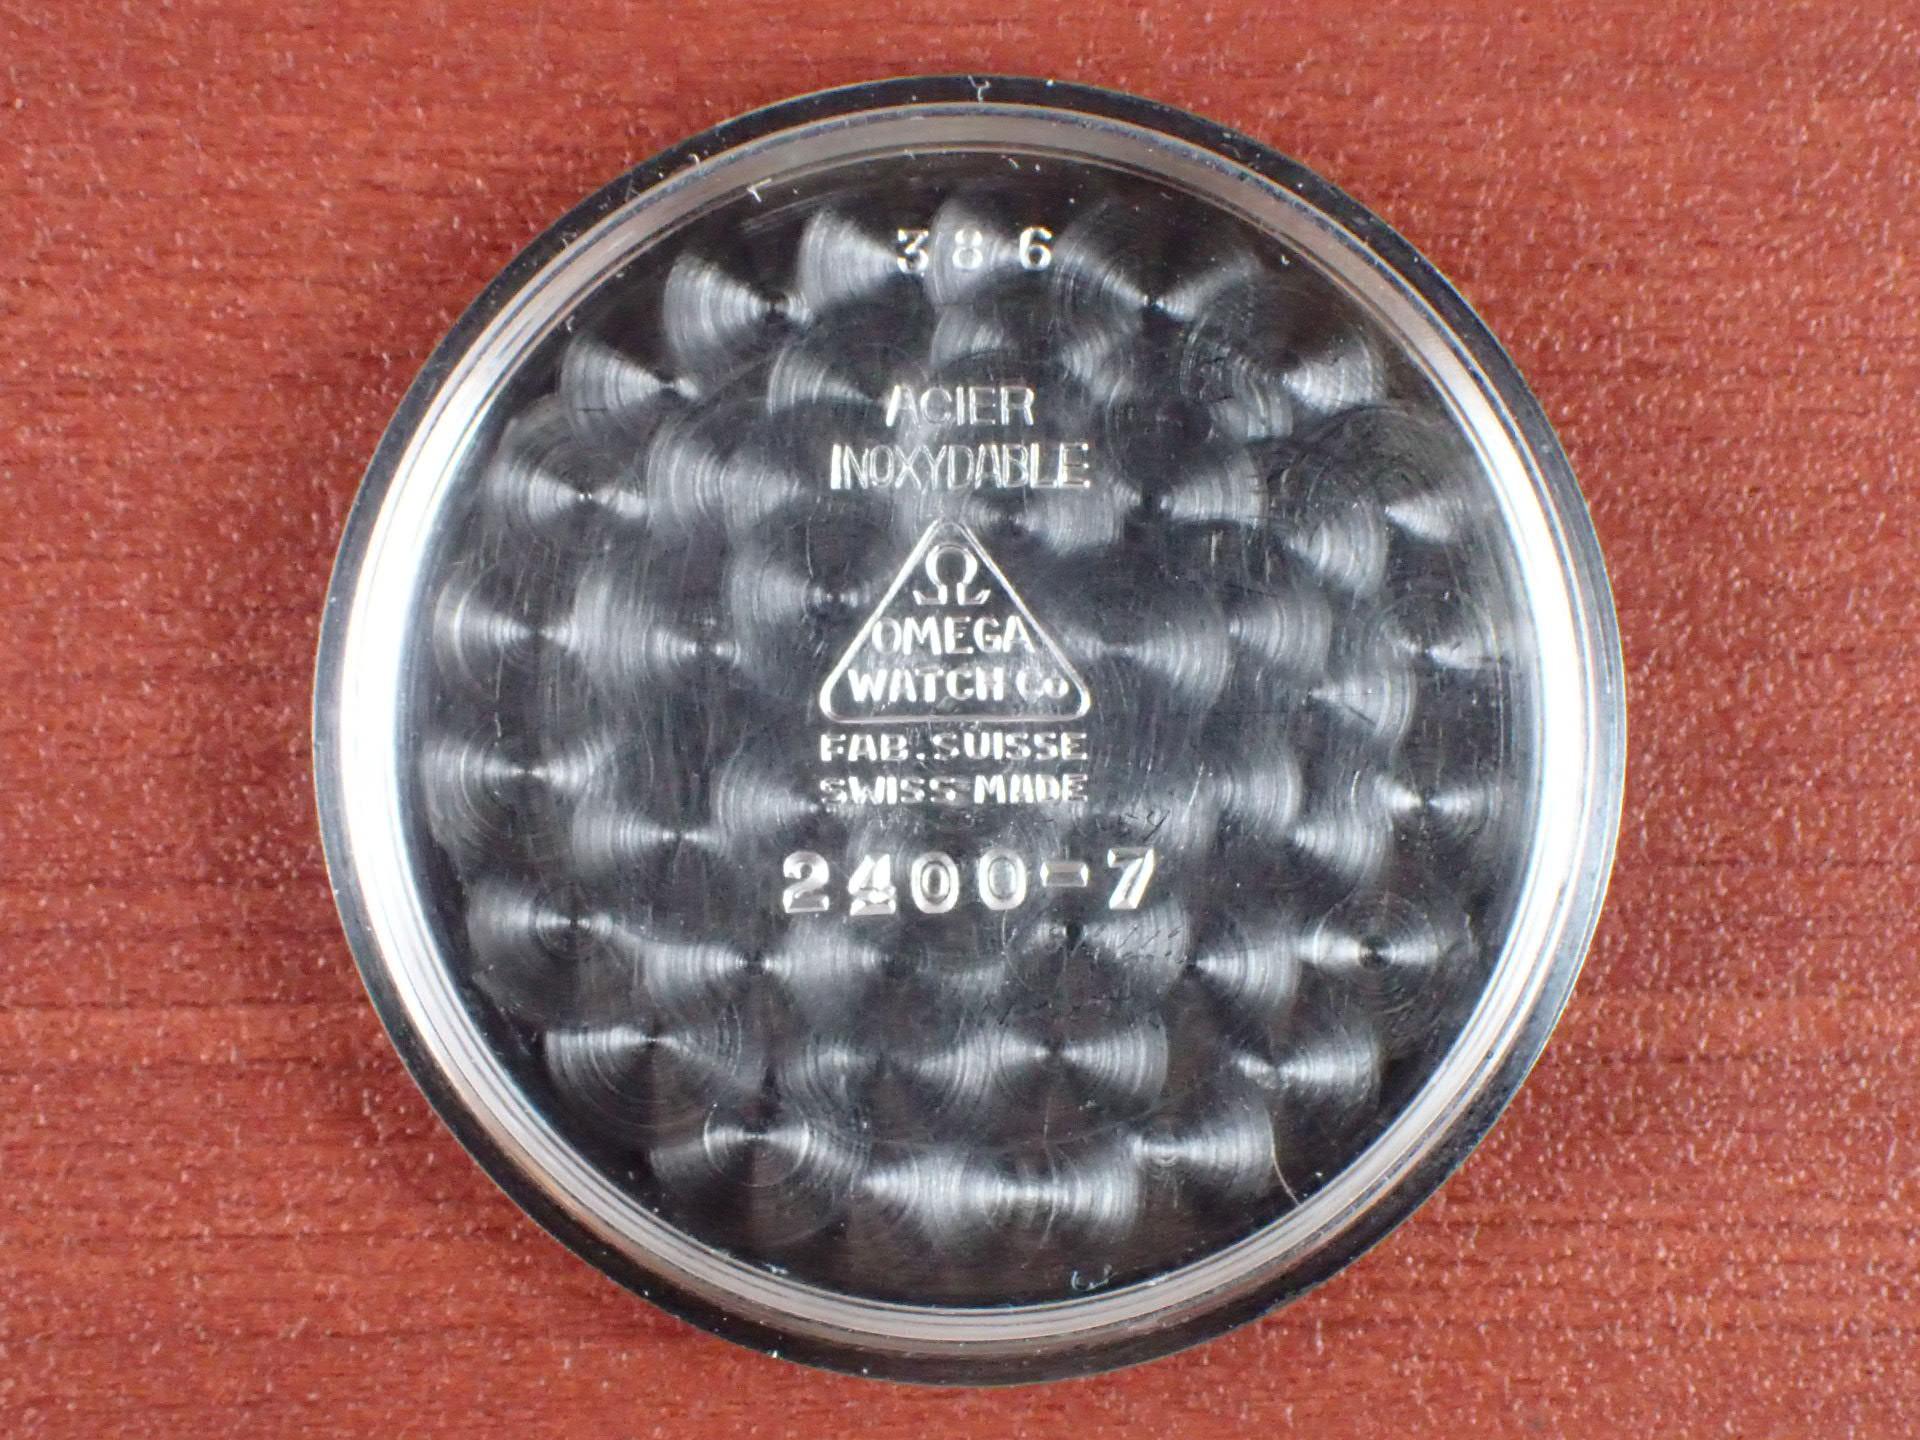 オメガ スベラン 30mmキャリバー ブルズアイ ブラック/グレー 1940年代の写真6枚目